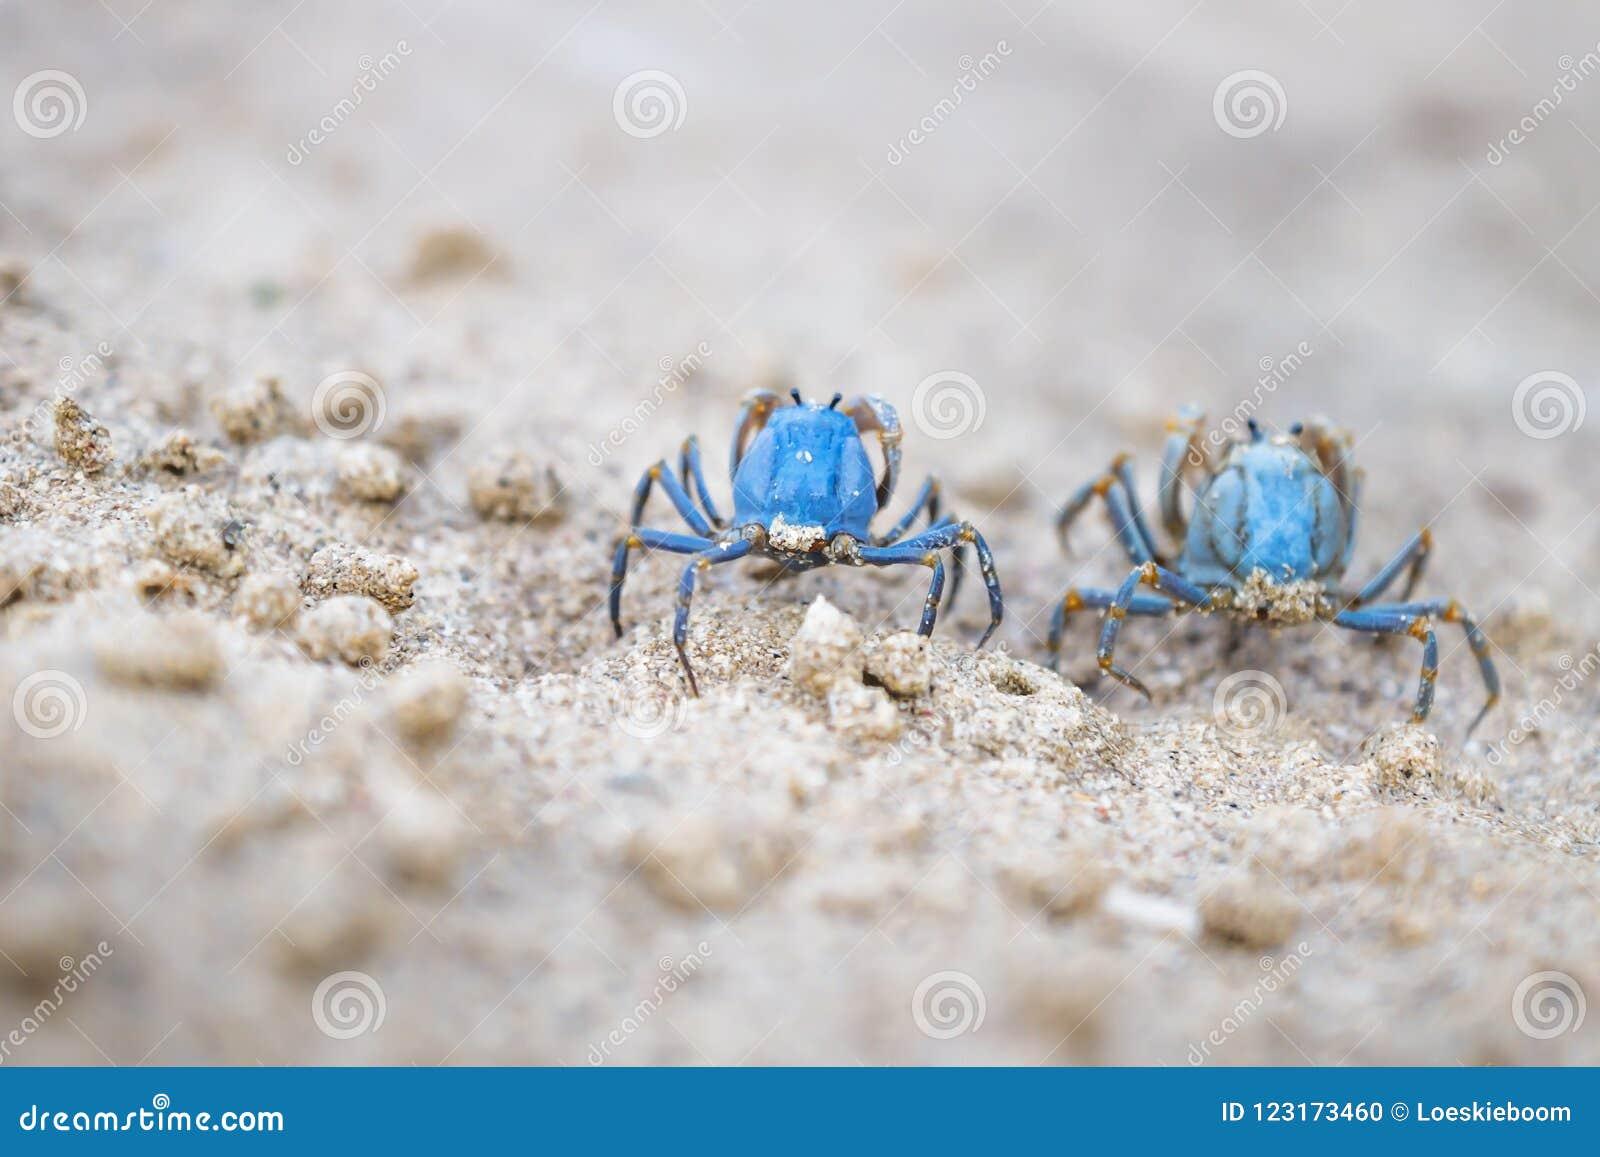 Två blåa krabbor på den vita stranden av Siquijor, Filippinerna, Asien